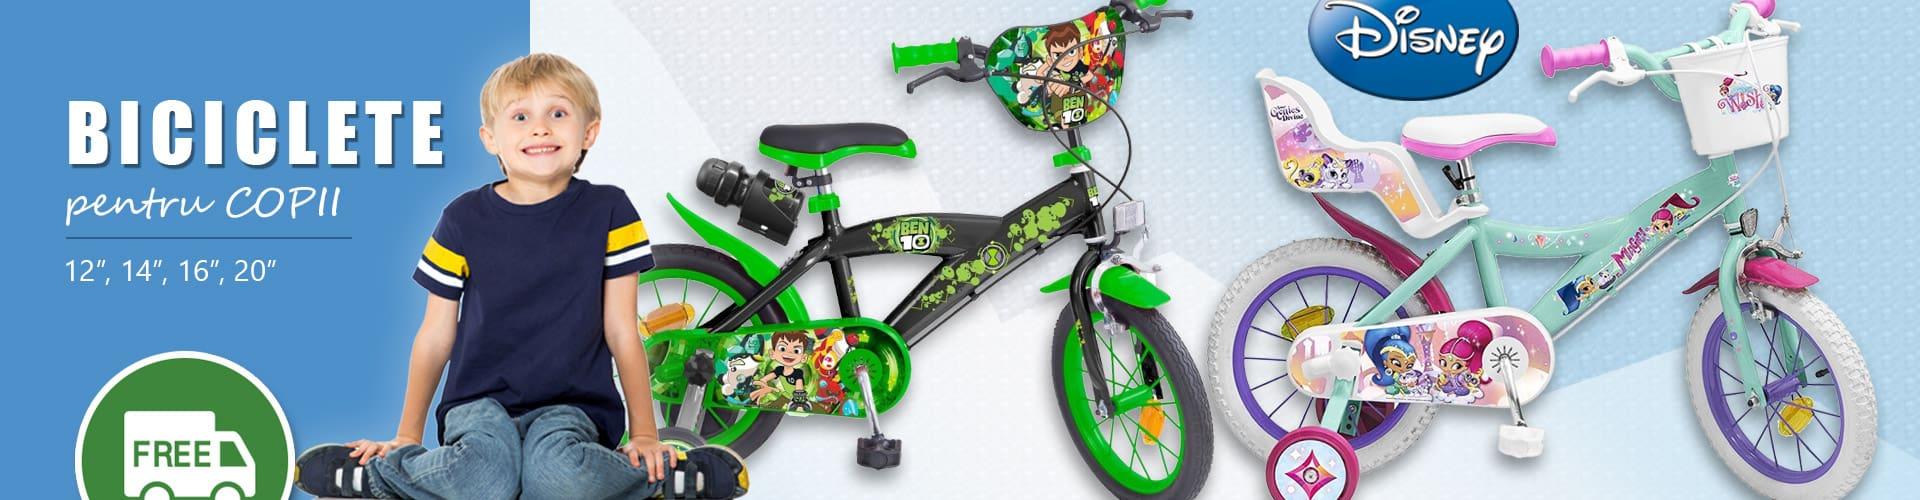 Biciclete pentru copii Disney